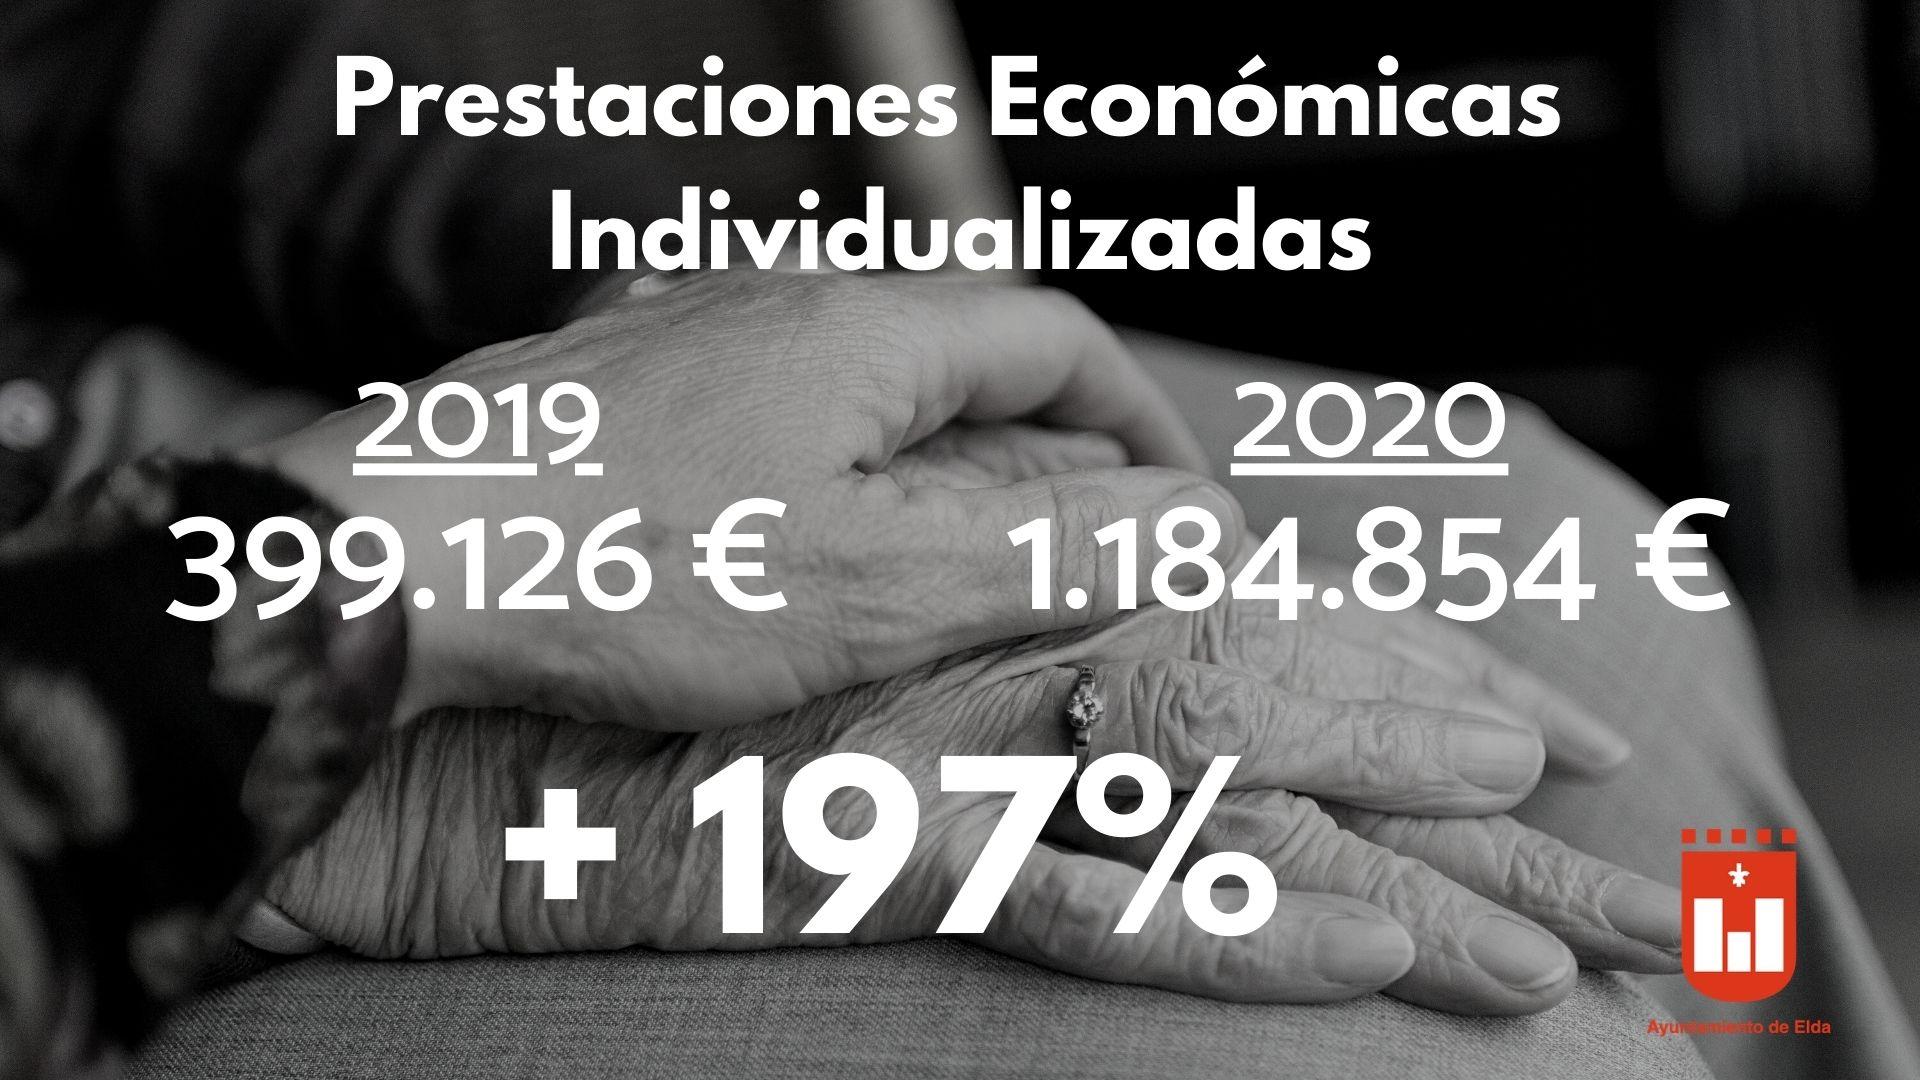 El Ayuntamiento de Elda ha destinado cerca de 1,2 millones de euros a ayudas sociales para 445 familias afectadas por la crisis